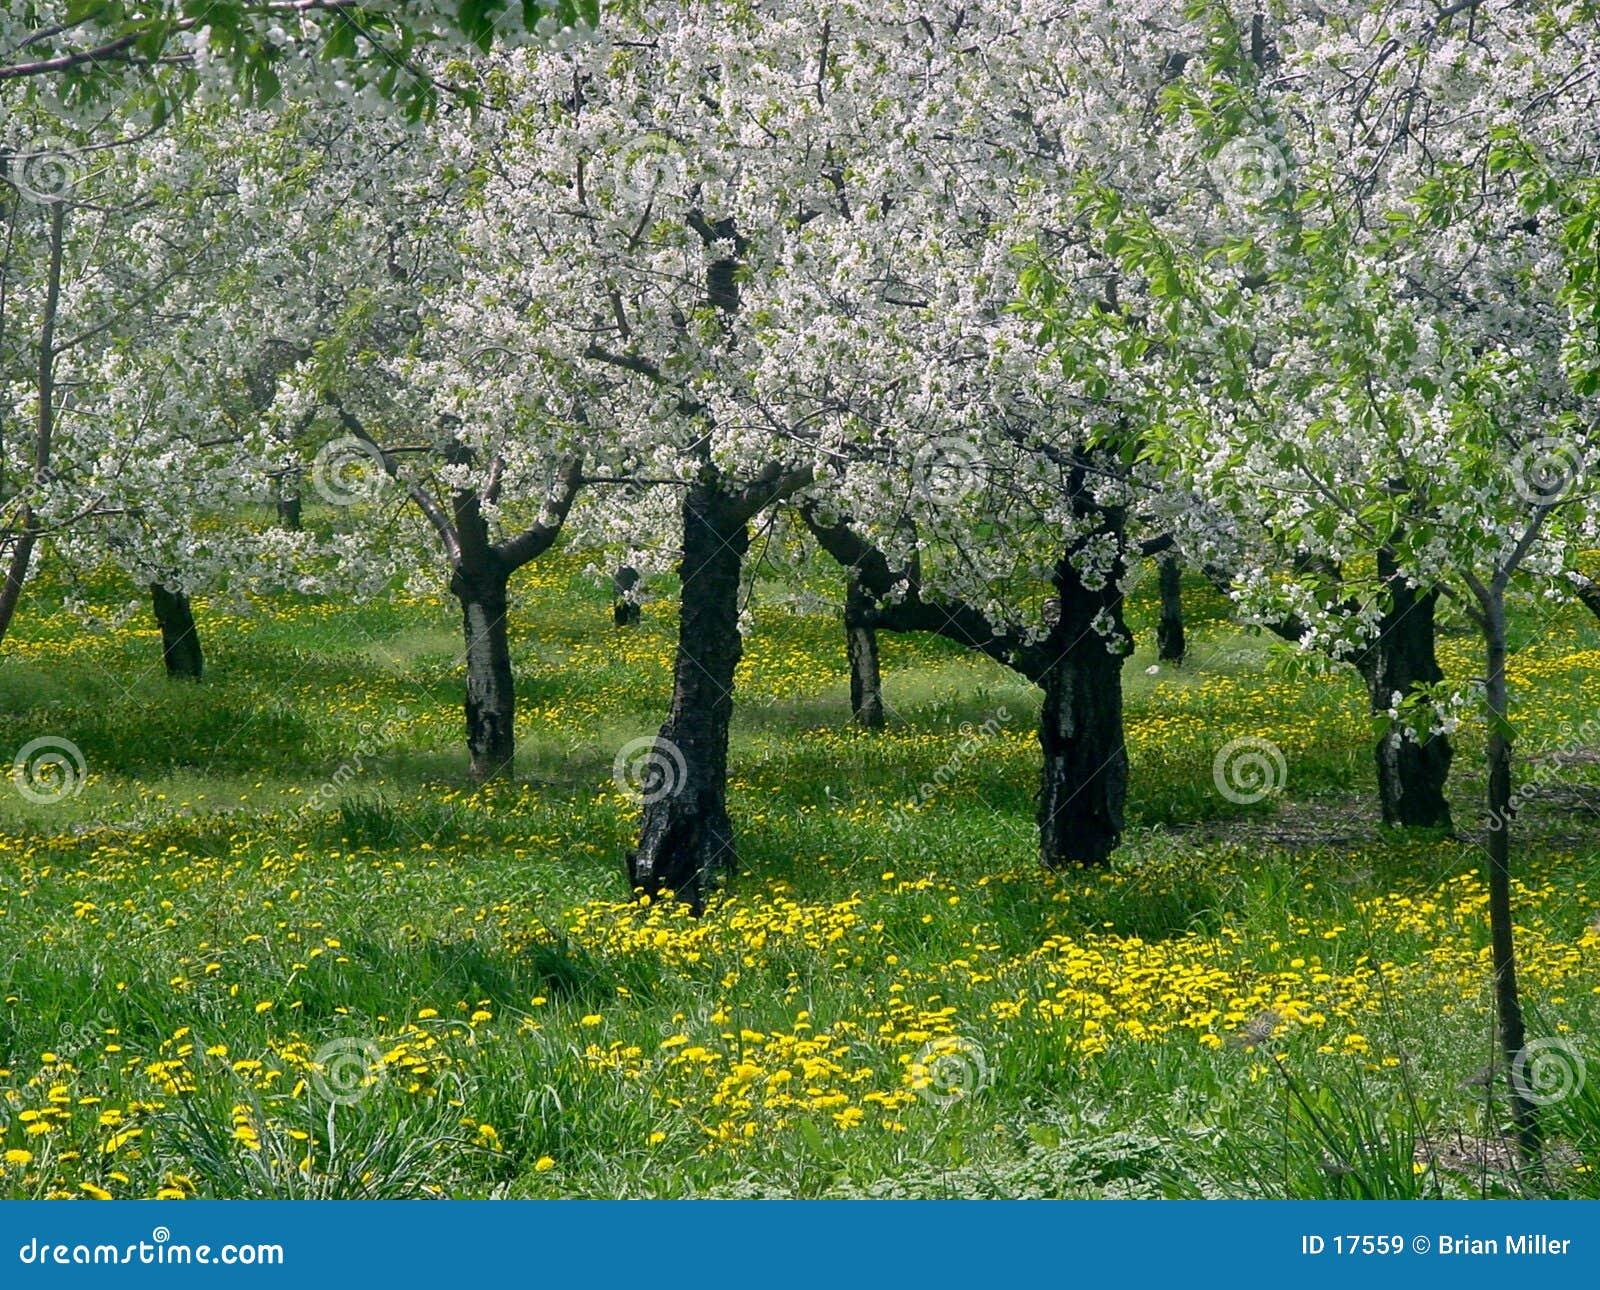 Cherryleelanautrees